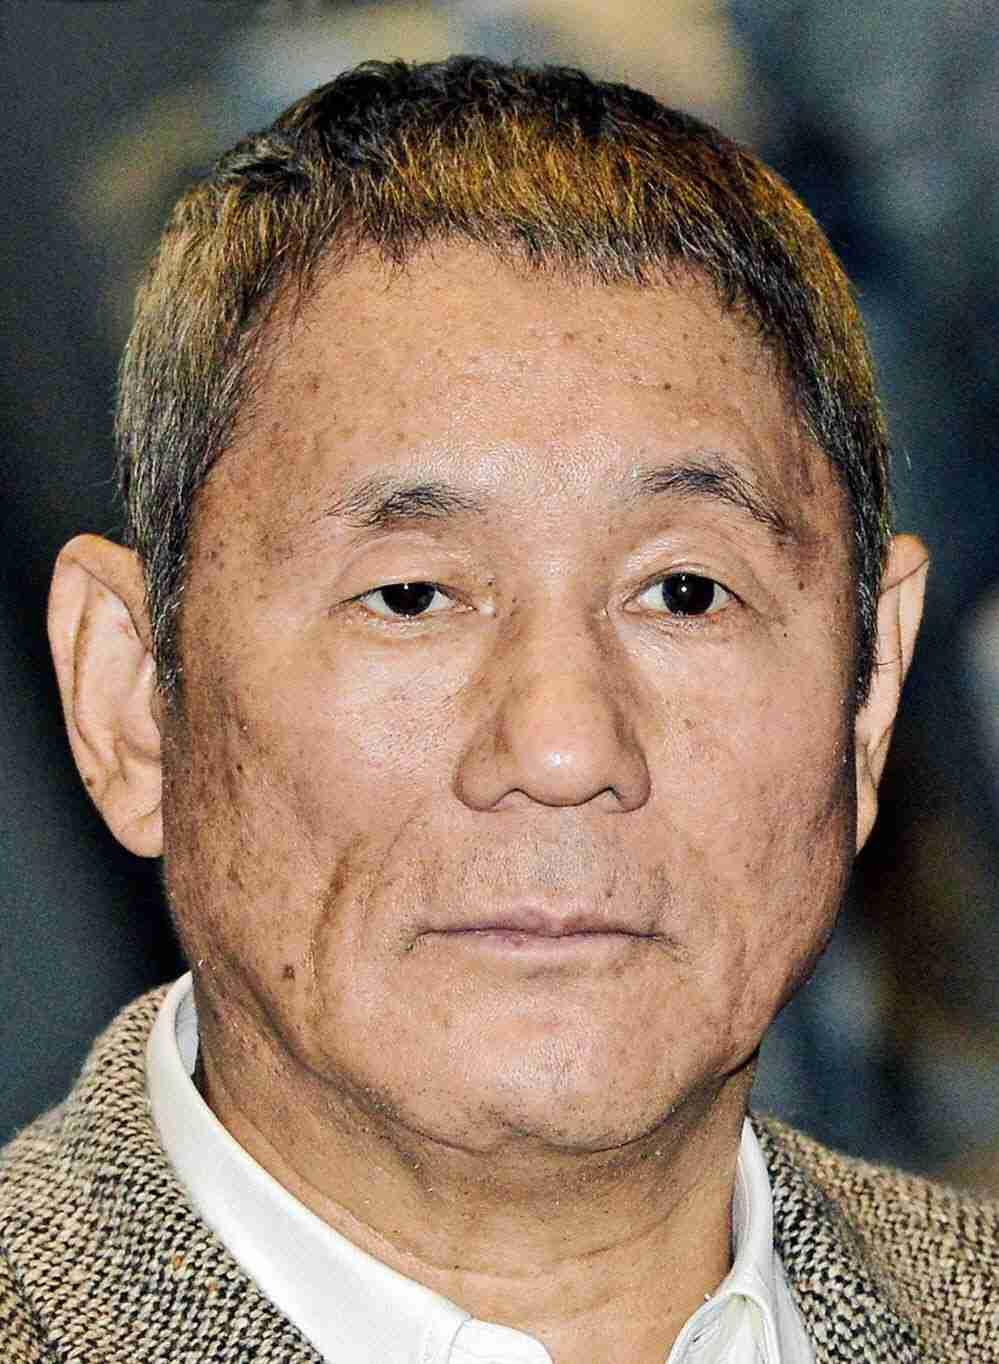 たけし、舛添都知事をぶった斬り…「権力者になりたかった人」「庶民感覚ない」 (デイリースポーツ) - Yahoo!ニュース